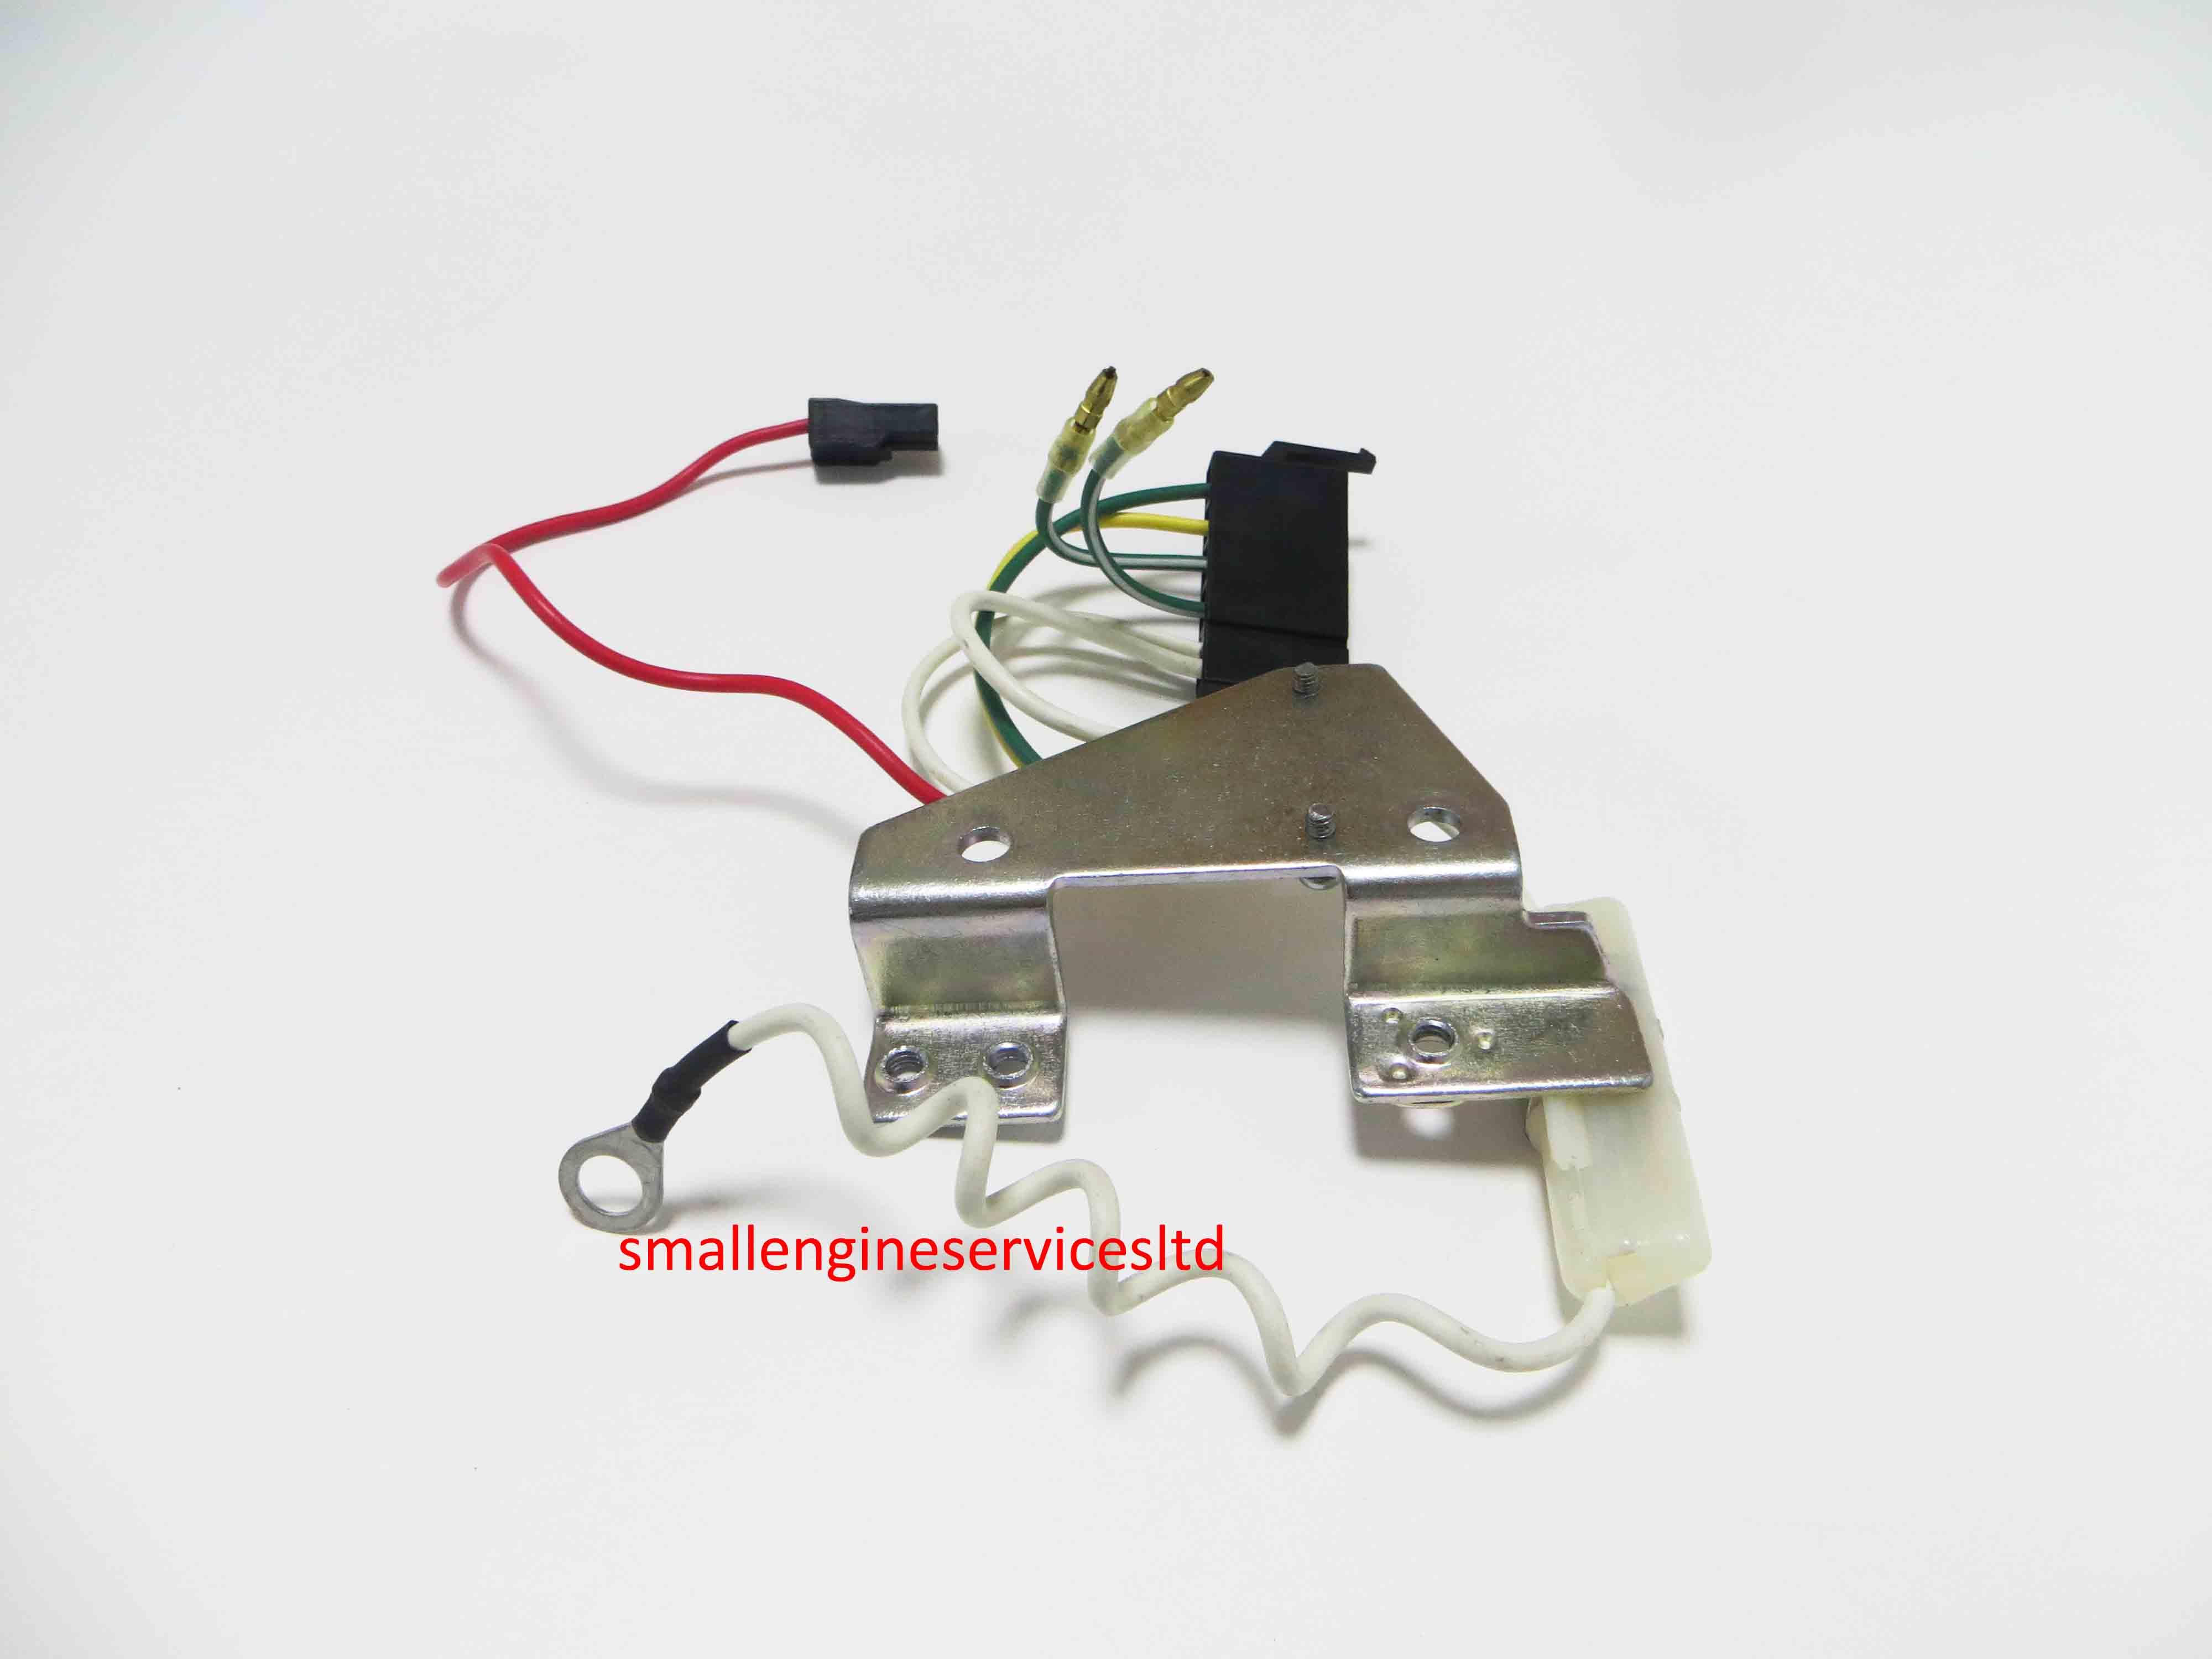 Genuine Yanmar Wiring Harness L100 AE/N5/N6, L70 AE/N5/N6, L48 AE/N5/N6